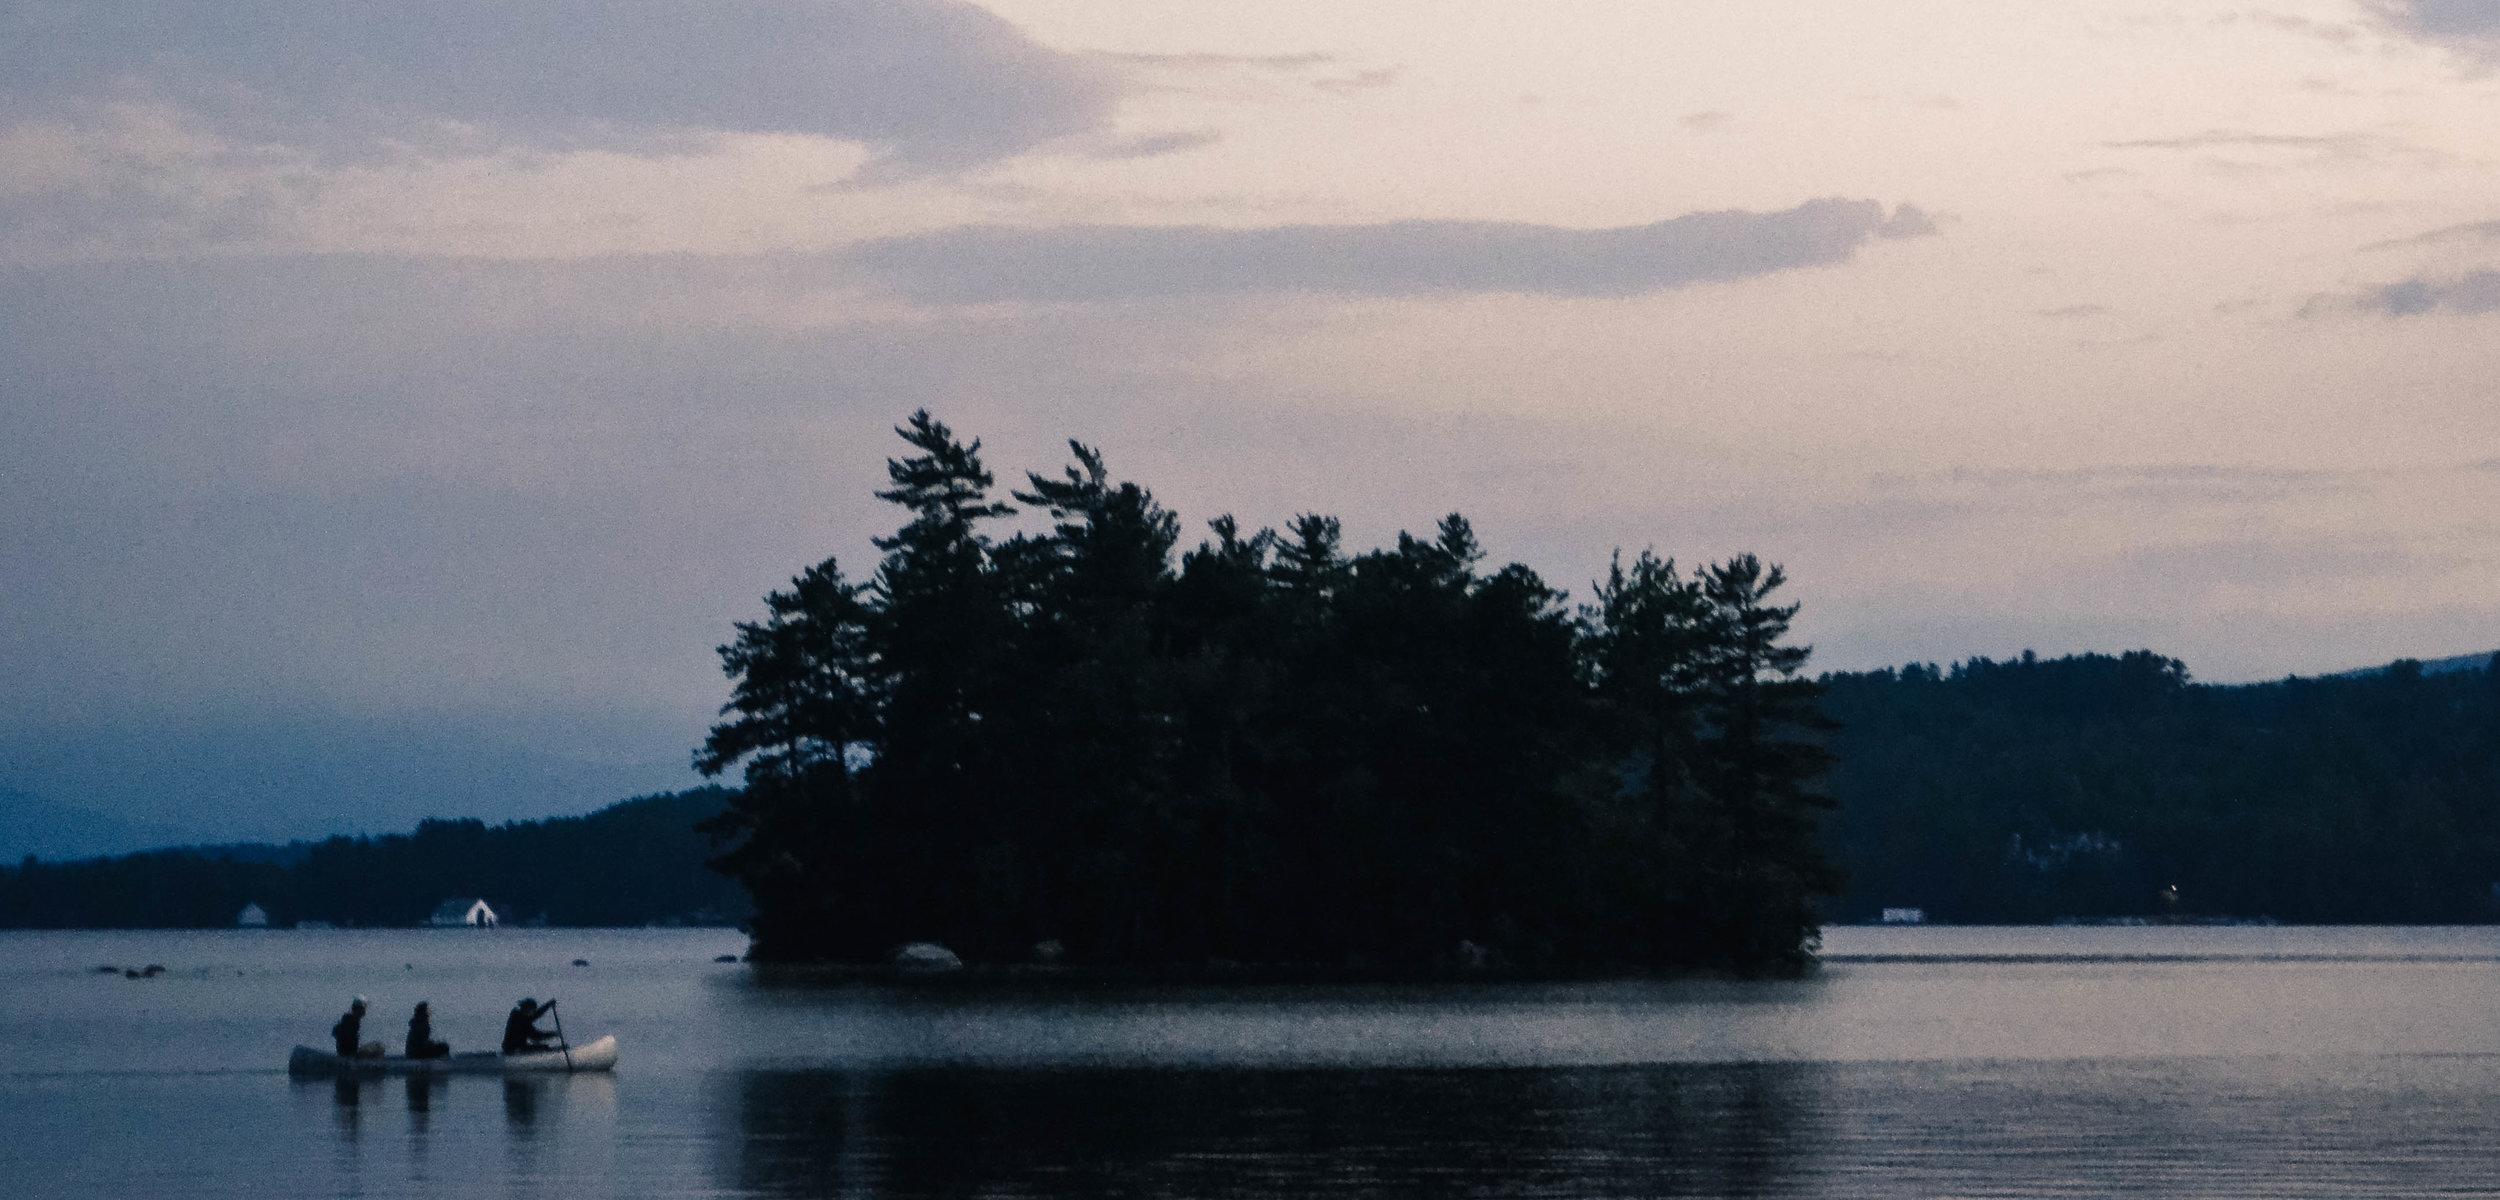 Lake Winnipesuakee, New Hampshire